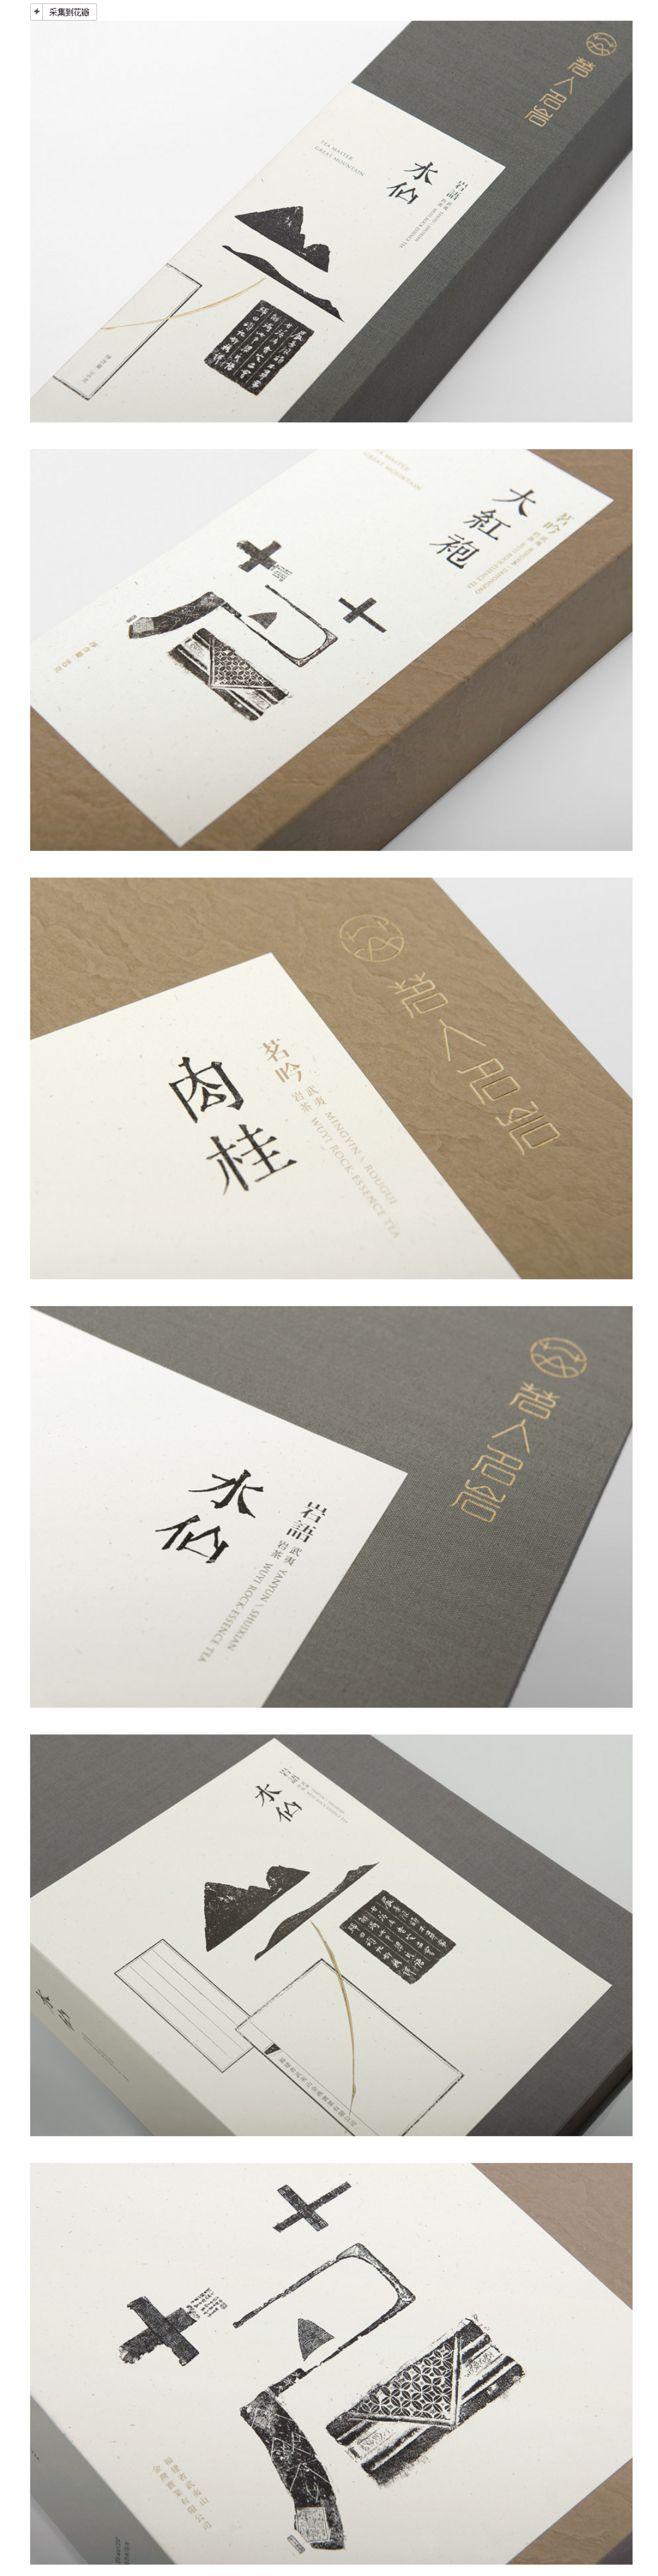 之间设计-茗人名岩-茶包装设计